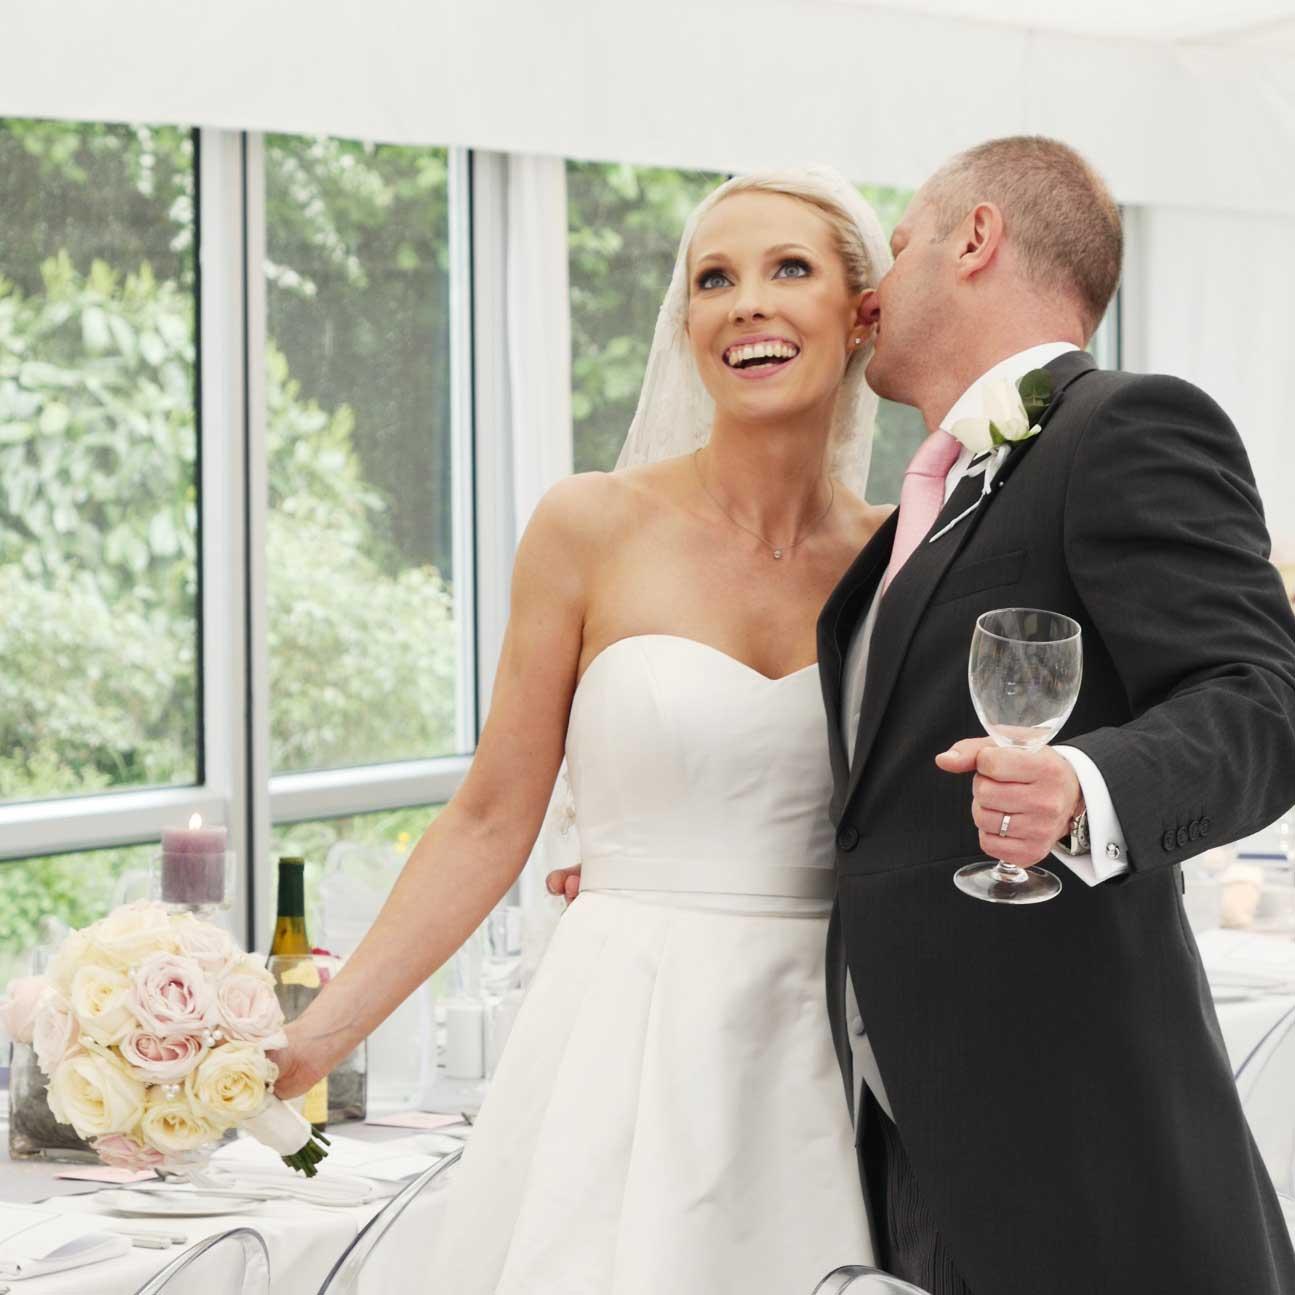 wedding-videographer-buckinghamshire